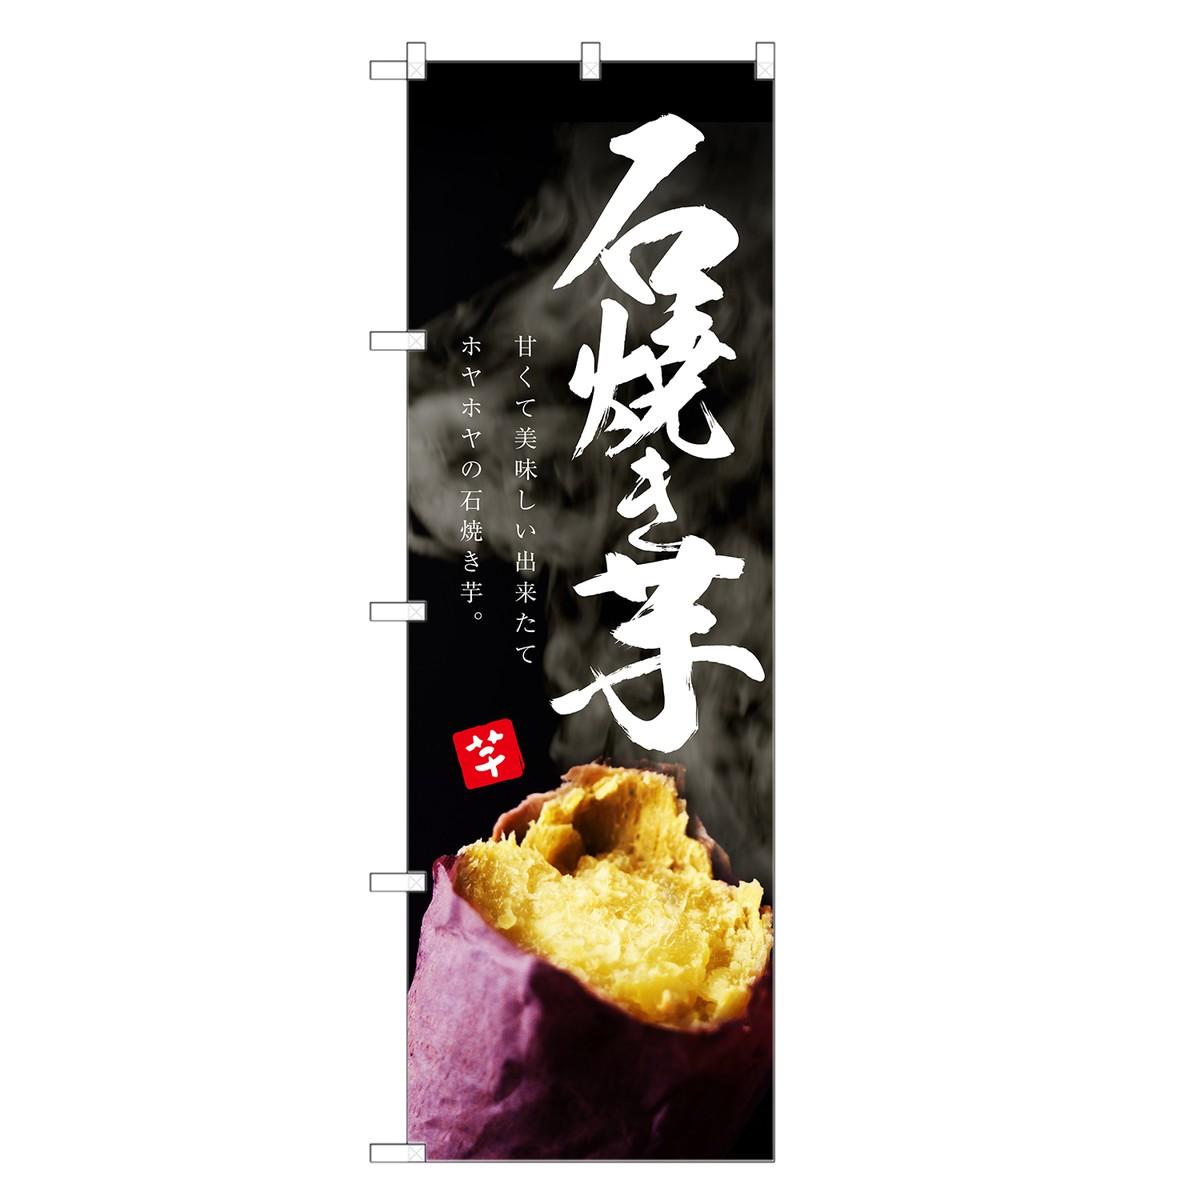 アッパレ のぼり旗 店舗用品 看板 即納 石焼き芋 贈物 のぼり 焼き 芋 いも やき 送料無料 T03-0001C-ZR セールSALE%OFF 四方三巻縫製 イモ